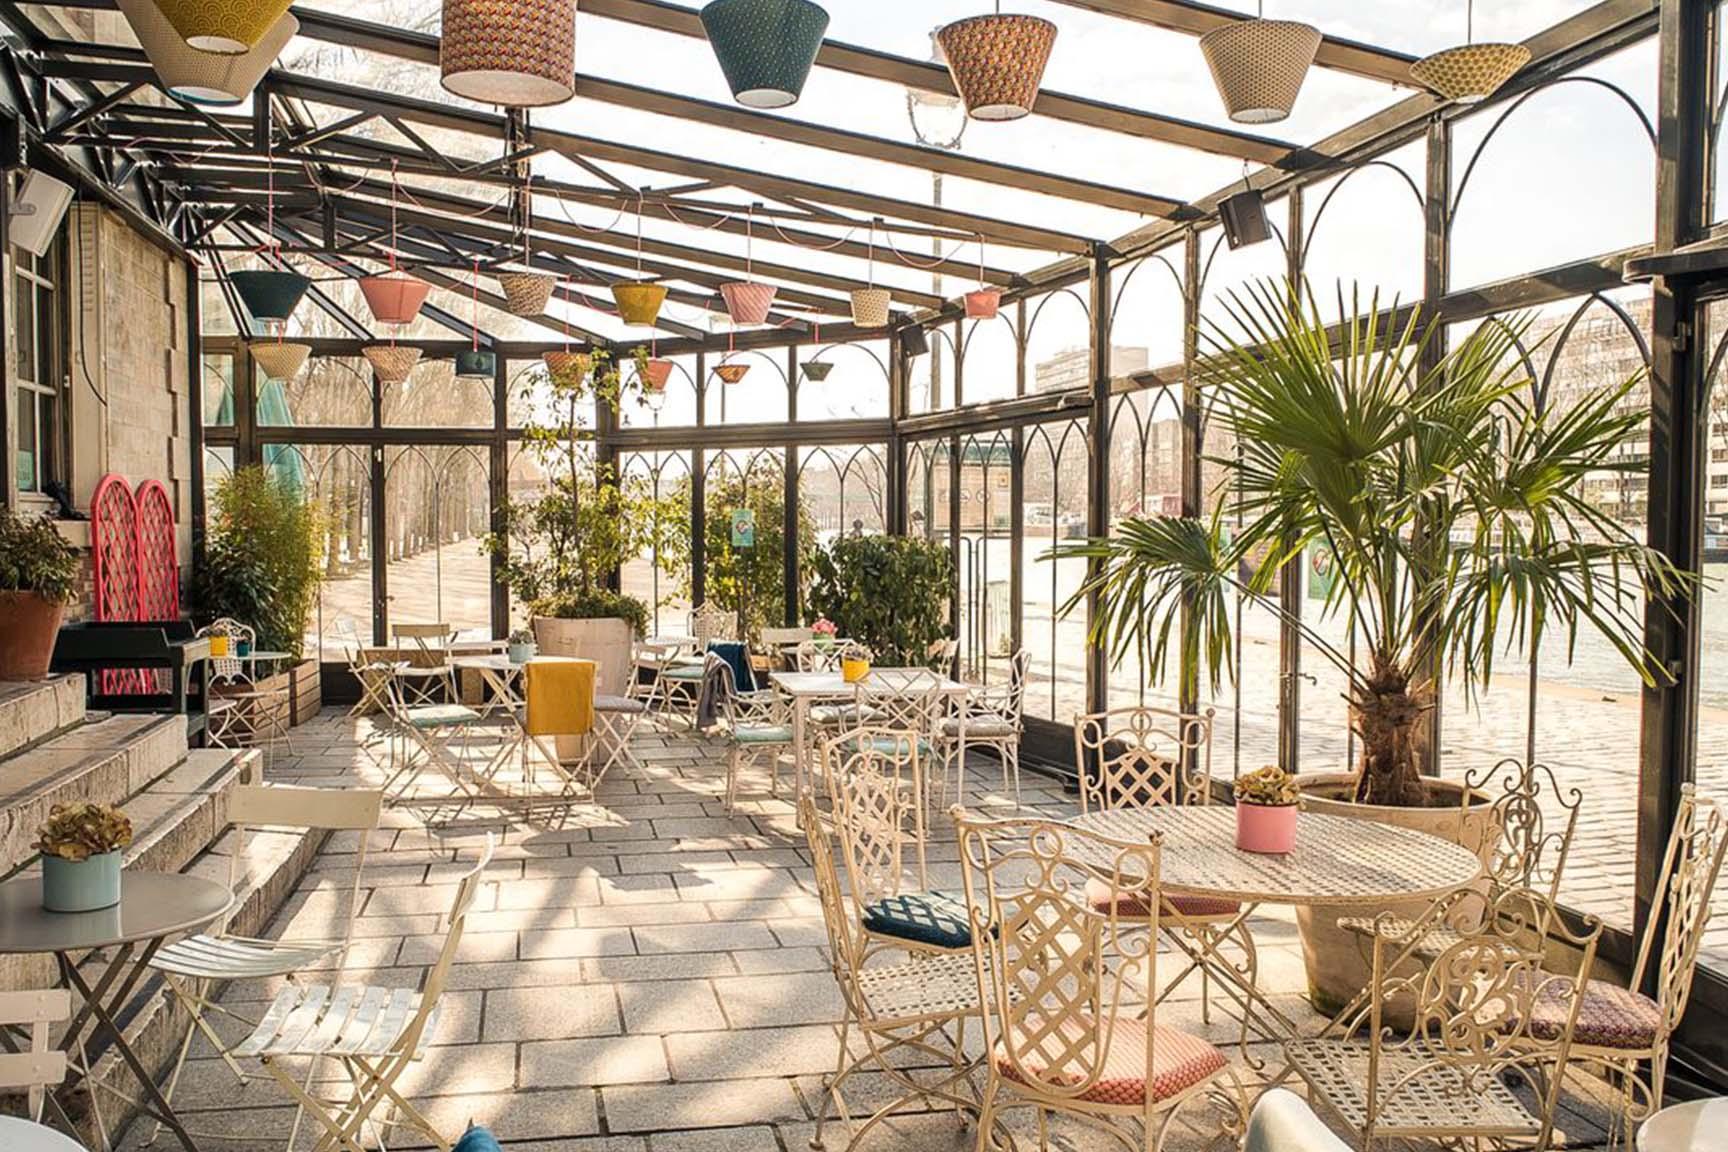 Le très cosy et coloré café-restaurant, le Pavillon des Canaux aux abords du bassin de la Vilette